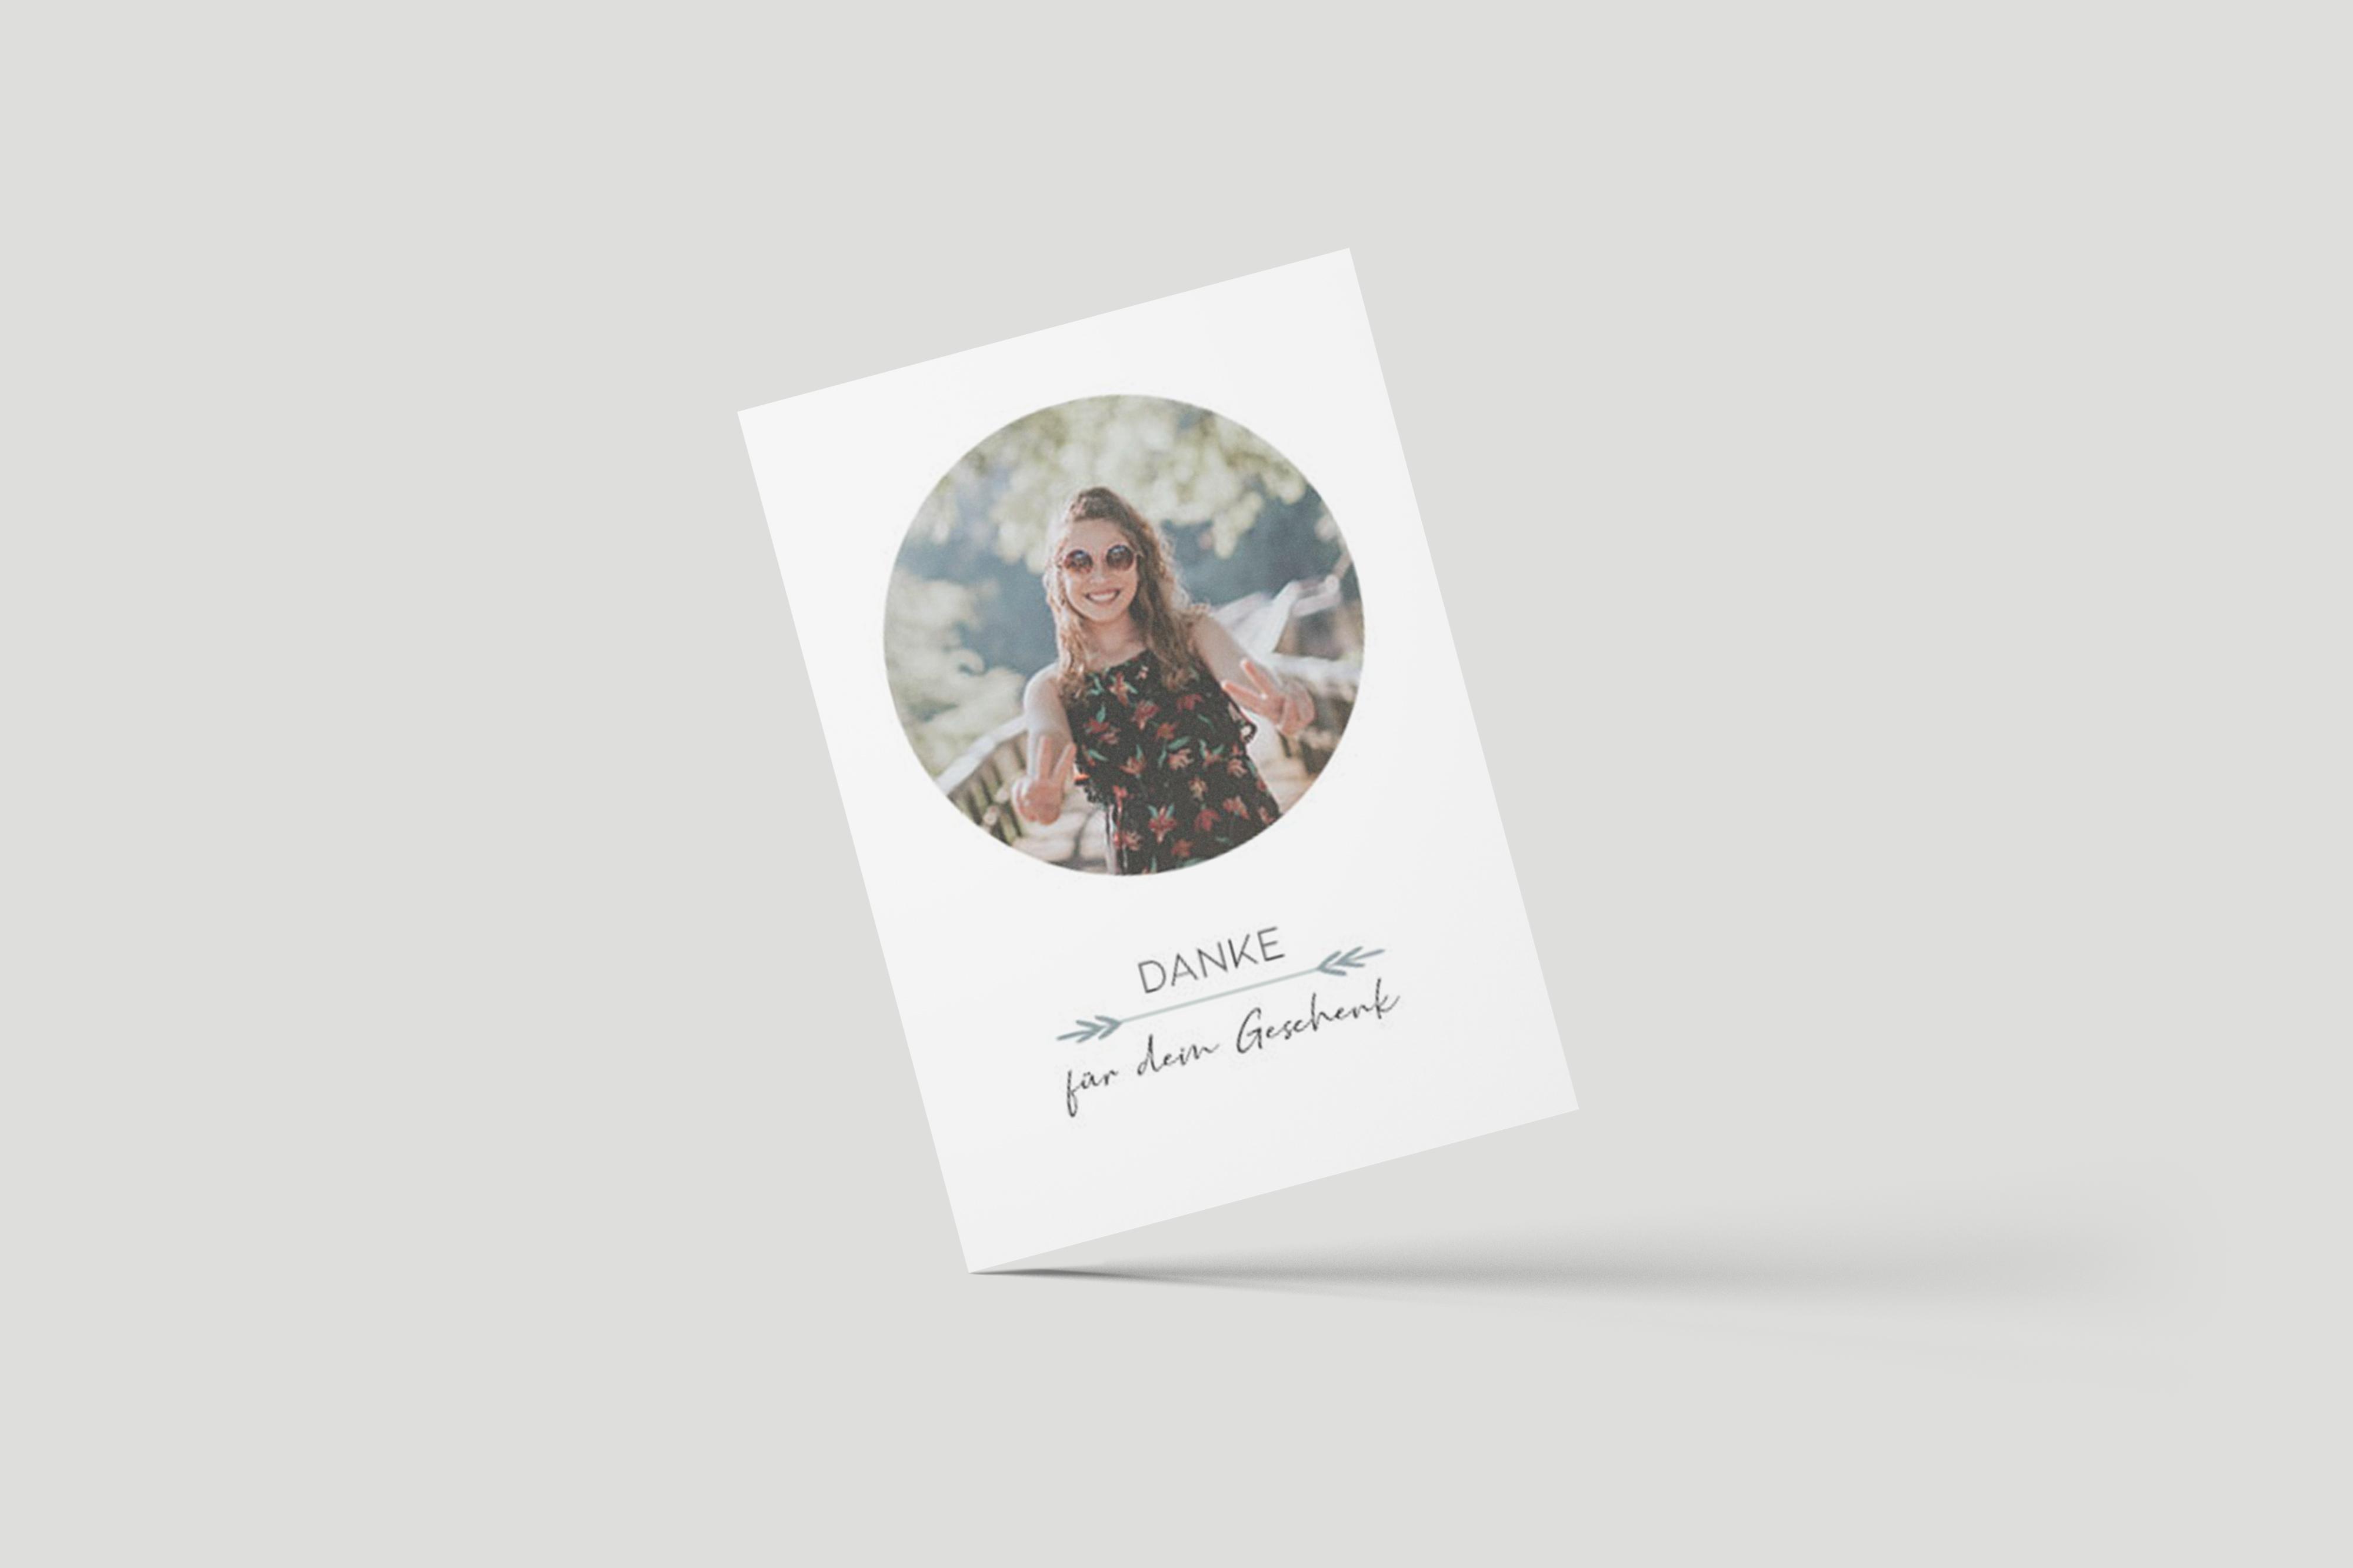 Dankeskarte Polaroidkreis